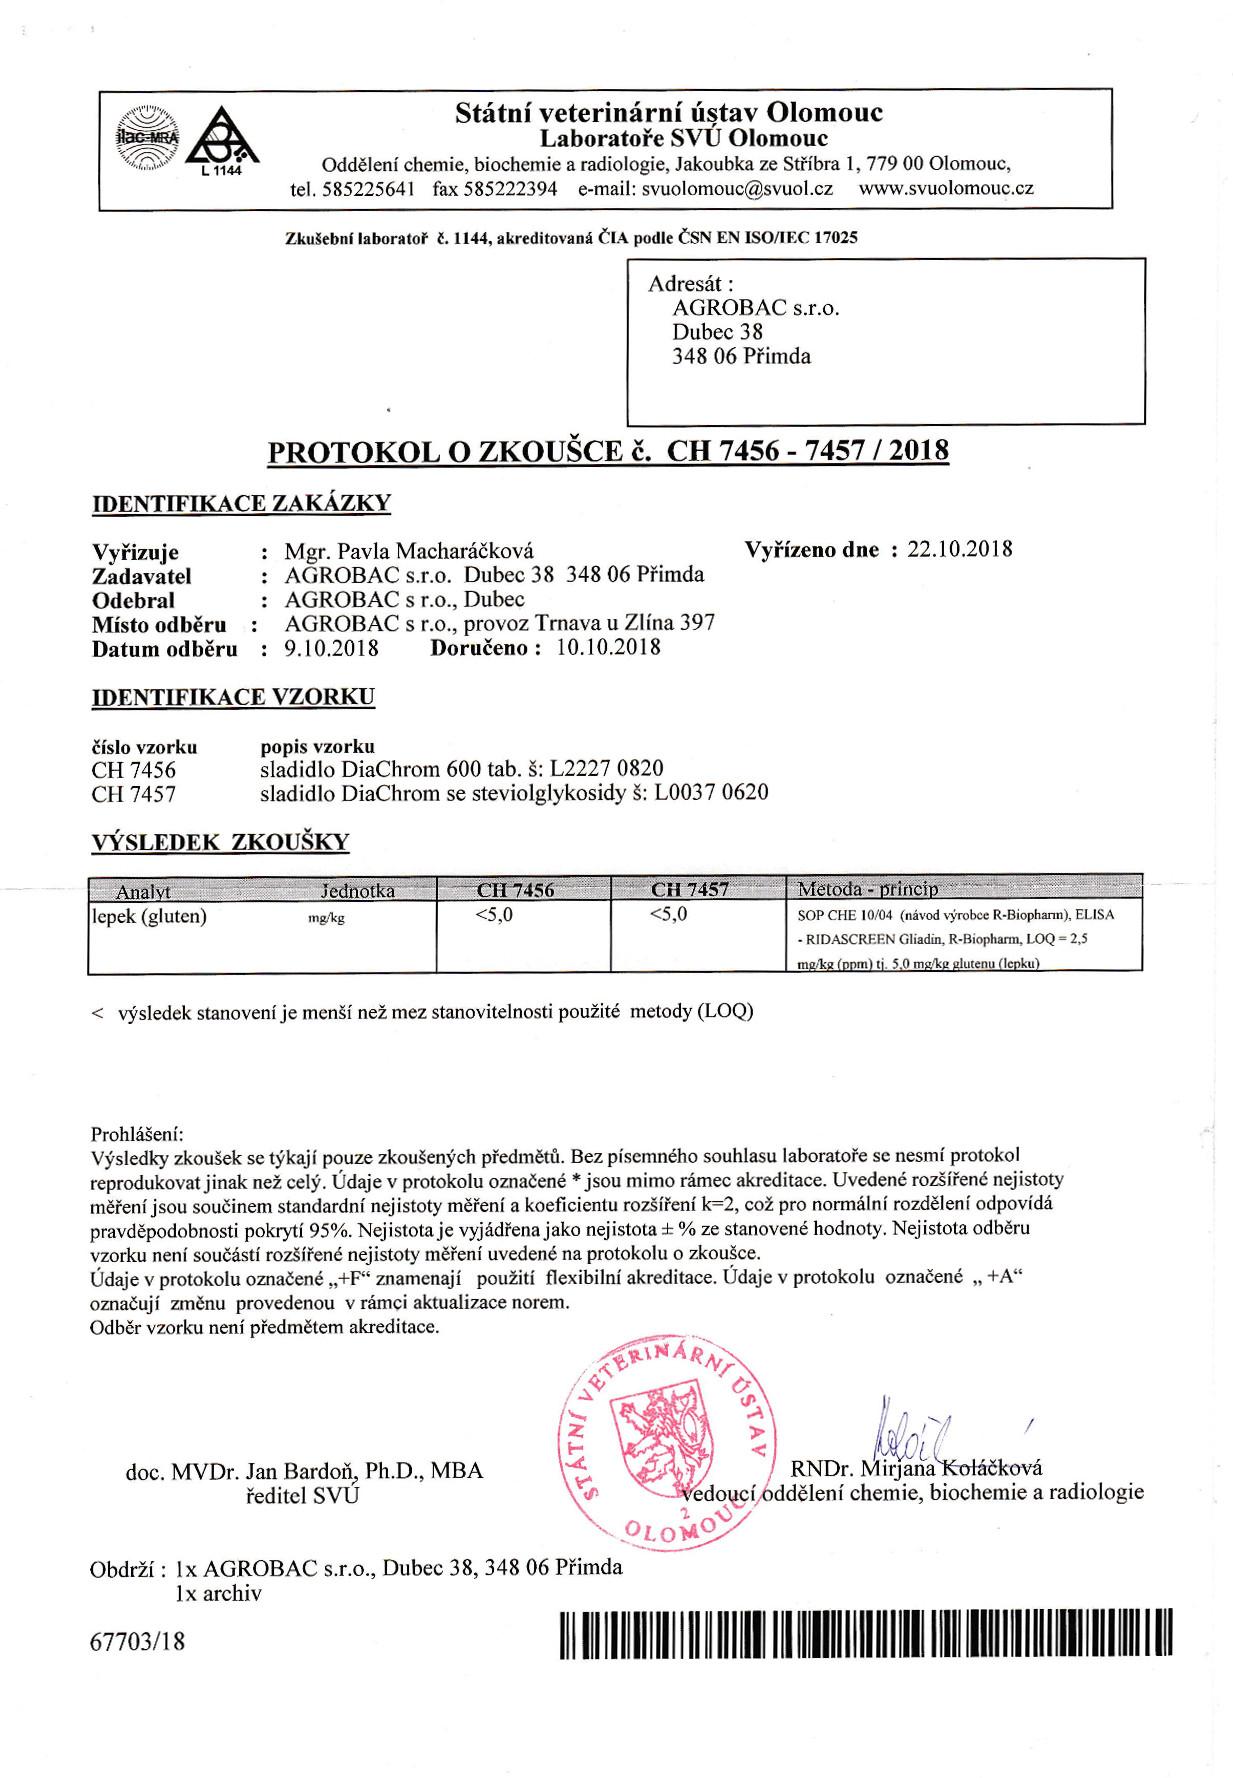 Protokol o zkoušce 2018